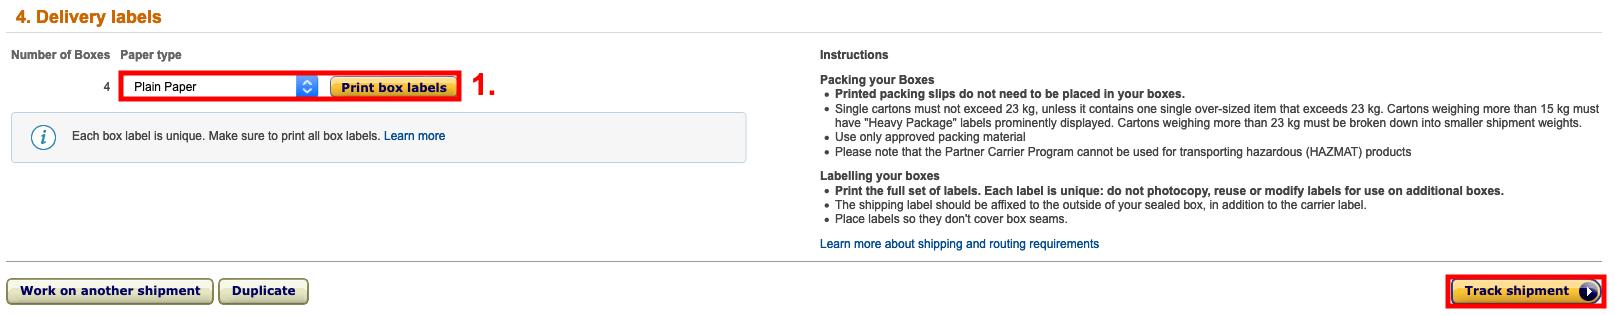 Handleiding Deel 2 - Verzending klaarmaken voor Amazon (FBA)